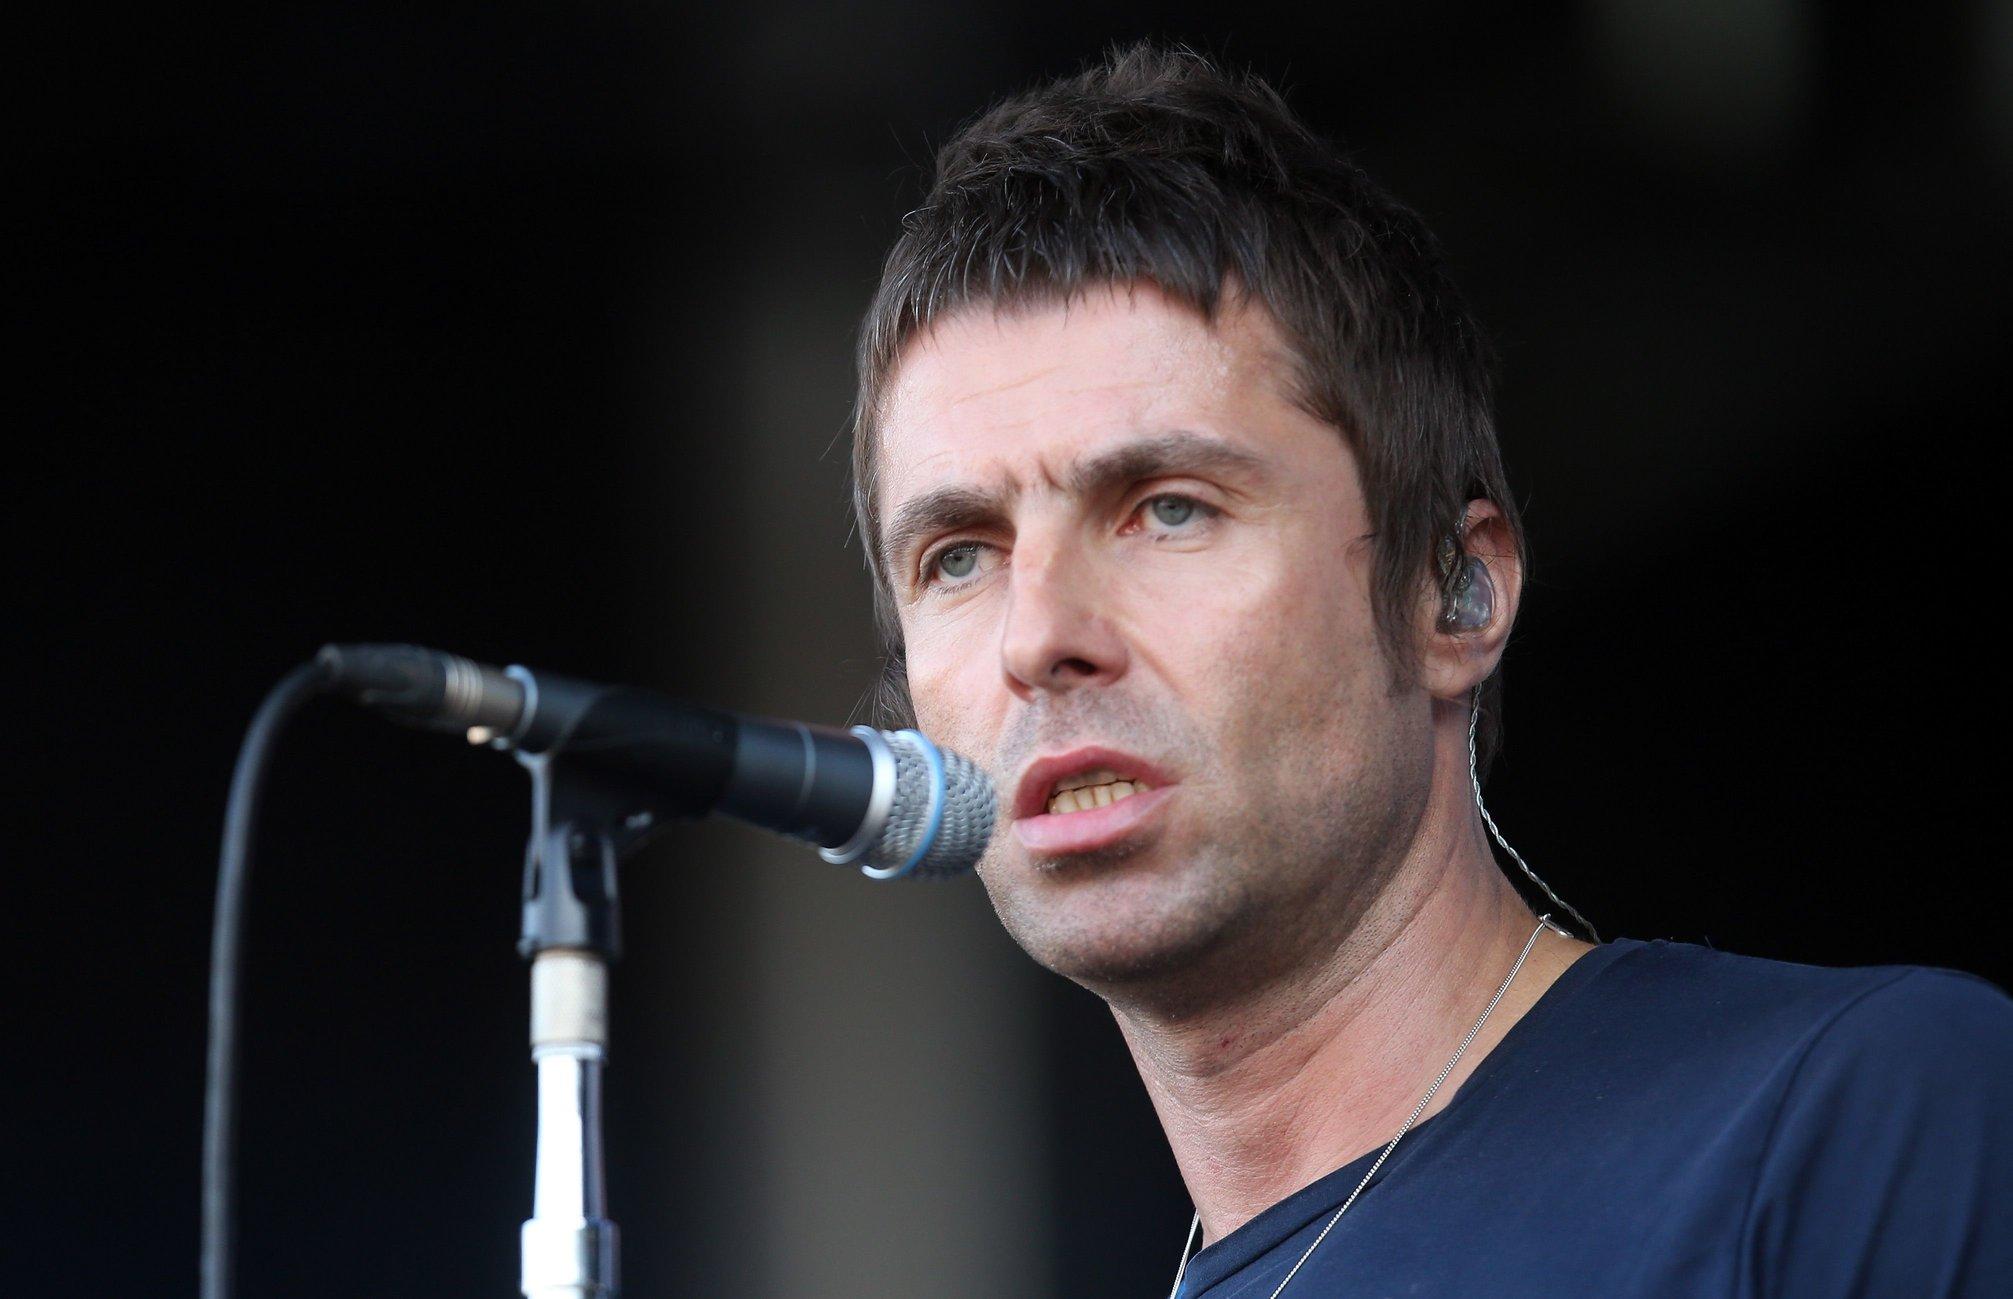 Liam Gallagher brindará un concierto benéfico para las víctimas de Manchester